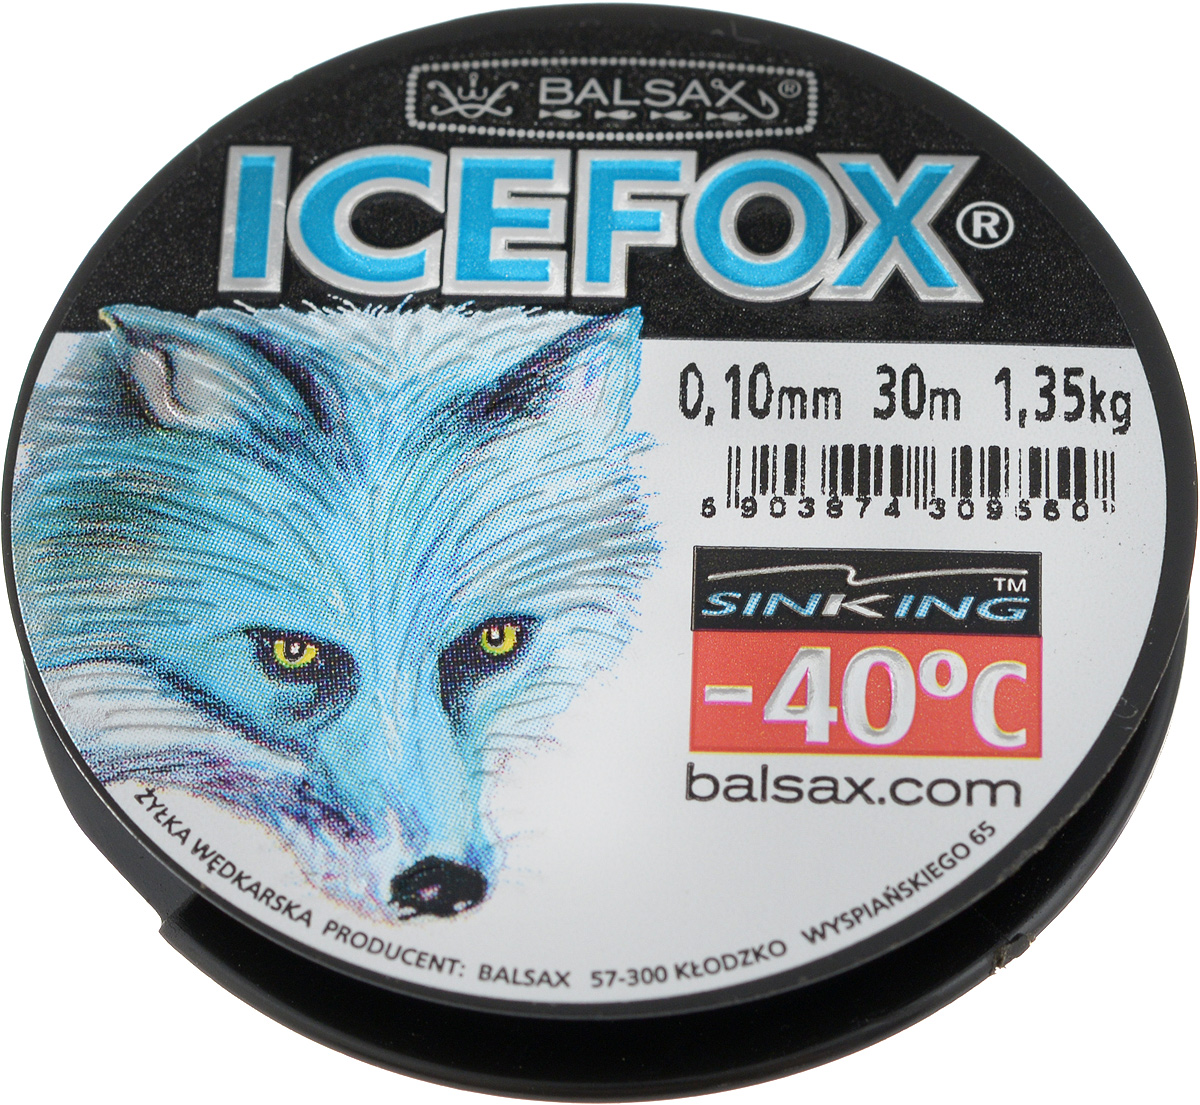 Леска зимняя Balsax Ice Fox, 30 м, 0,10 мм, 1,35 кг310-07010Леска Balsax Ice Fox изготовлена из 100% нейлона и очень хорошо выдерживает низкие температуры. Даже в самом холодном климате, при температуре вплоть до -40°C, она сохраняет свои свойства практически без изменений, в то время как традиционные лески становятся менее эластичными и теряют прочность.Поверхность лески обработана таким образом, что она не обмерзает и отлично подходит для подледного лова. Прочна в местах вязки узлов даже при минимальном диаметре.